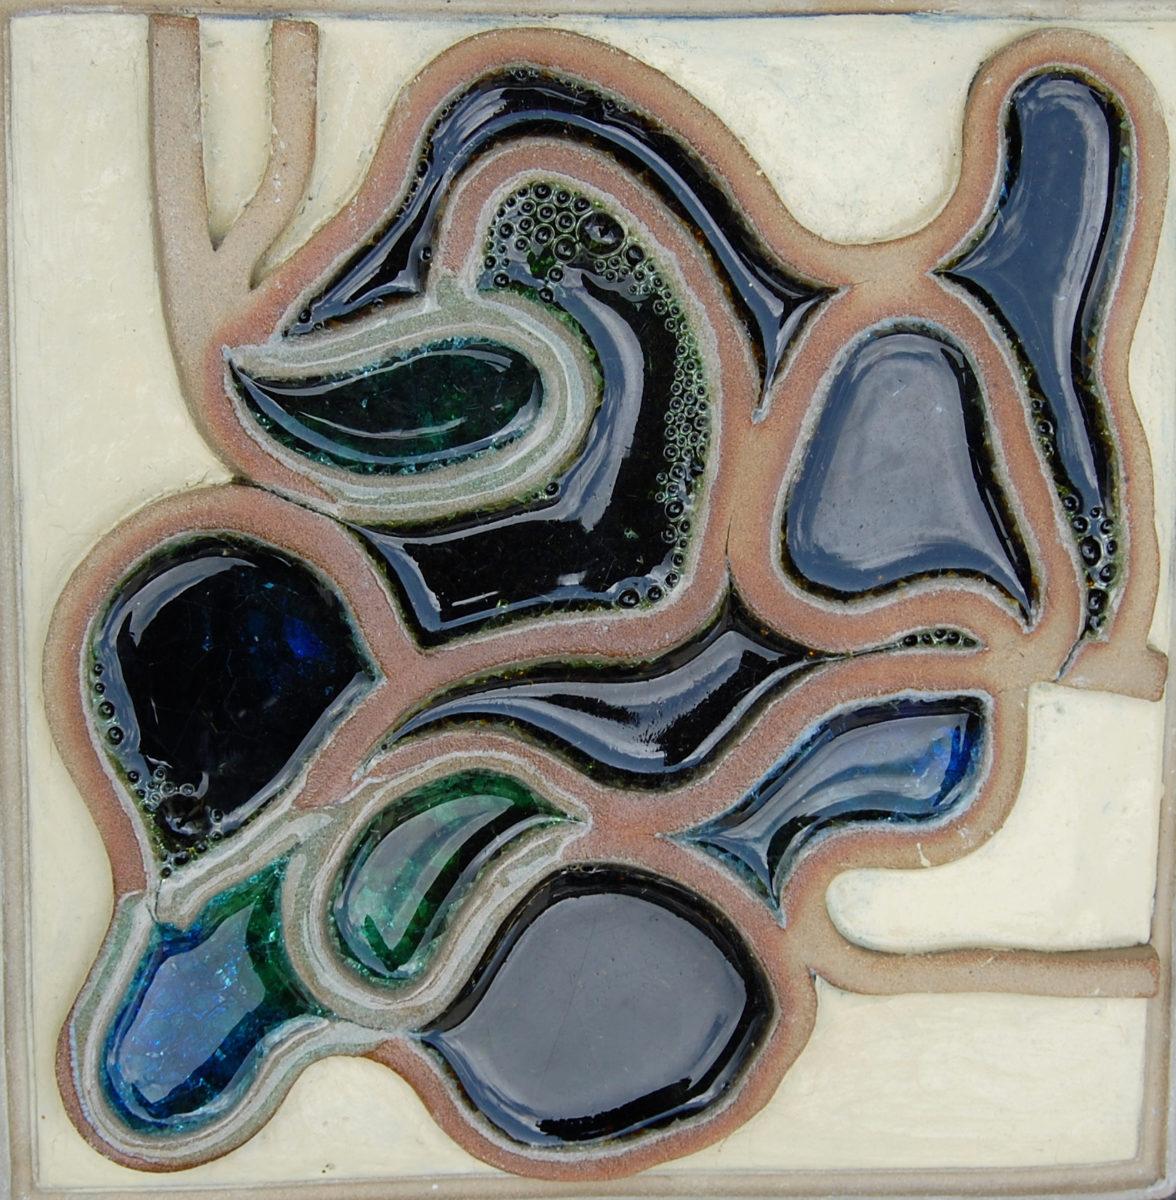 23263 || 4023 || Ceramic Doodle 2